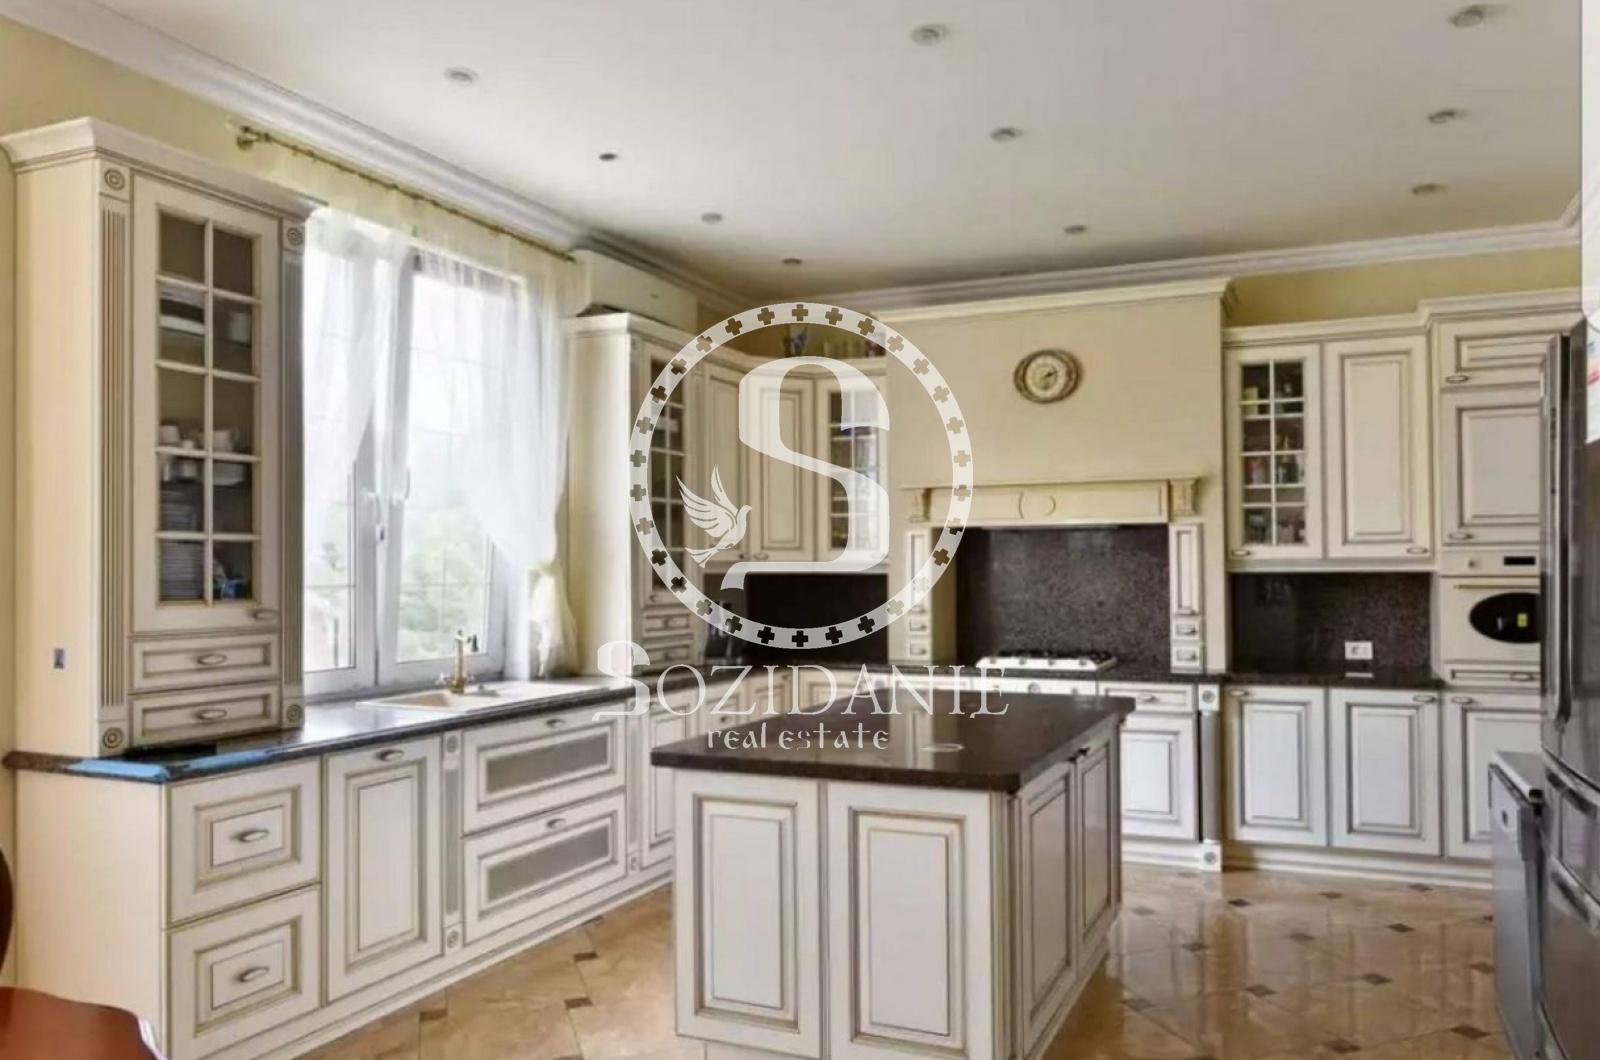 5 Bedrooms, Загородная, Продажа, Listing ID 3514, Московская область, Россия,